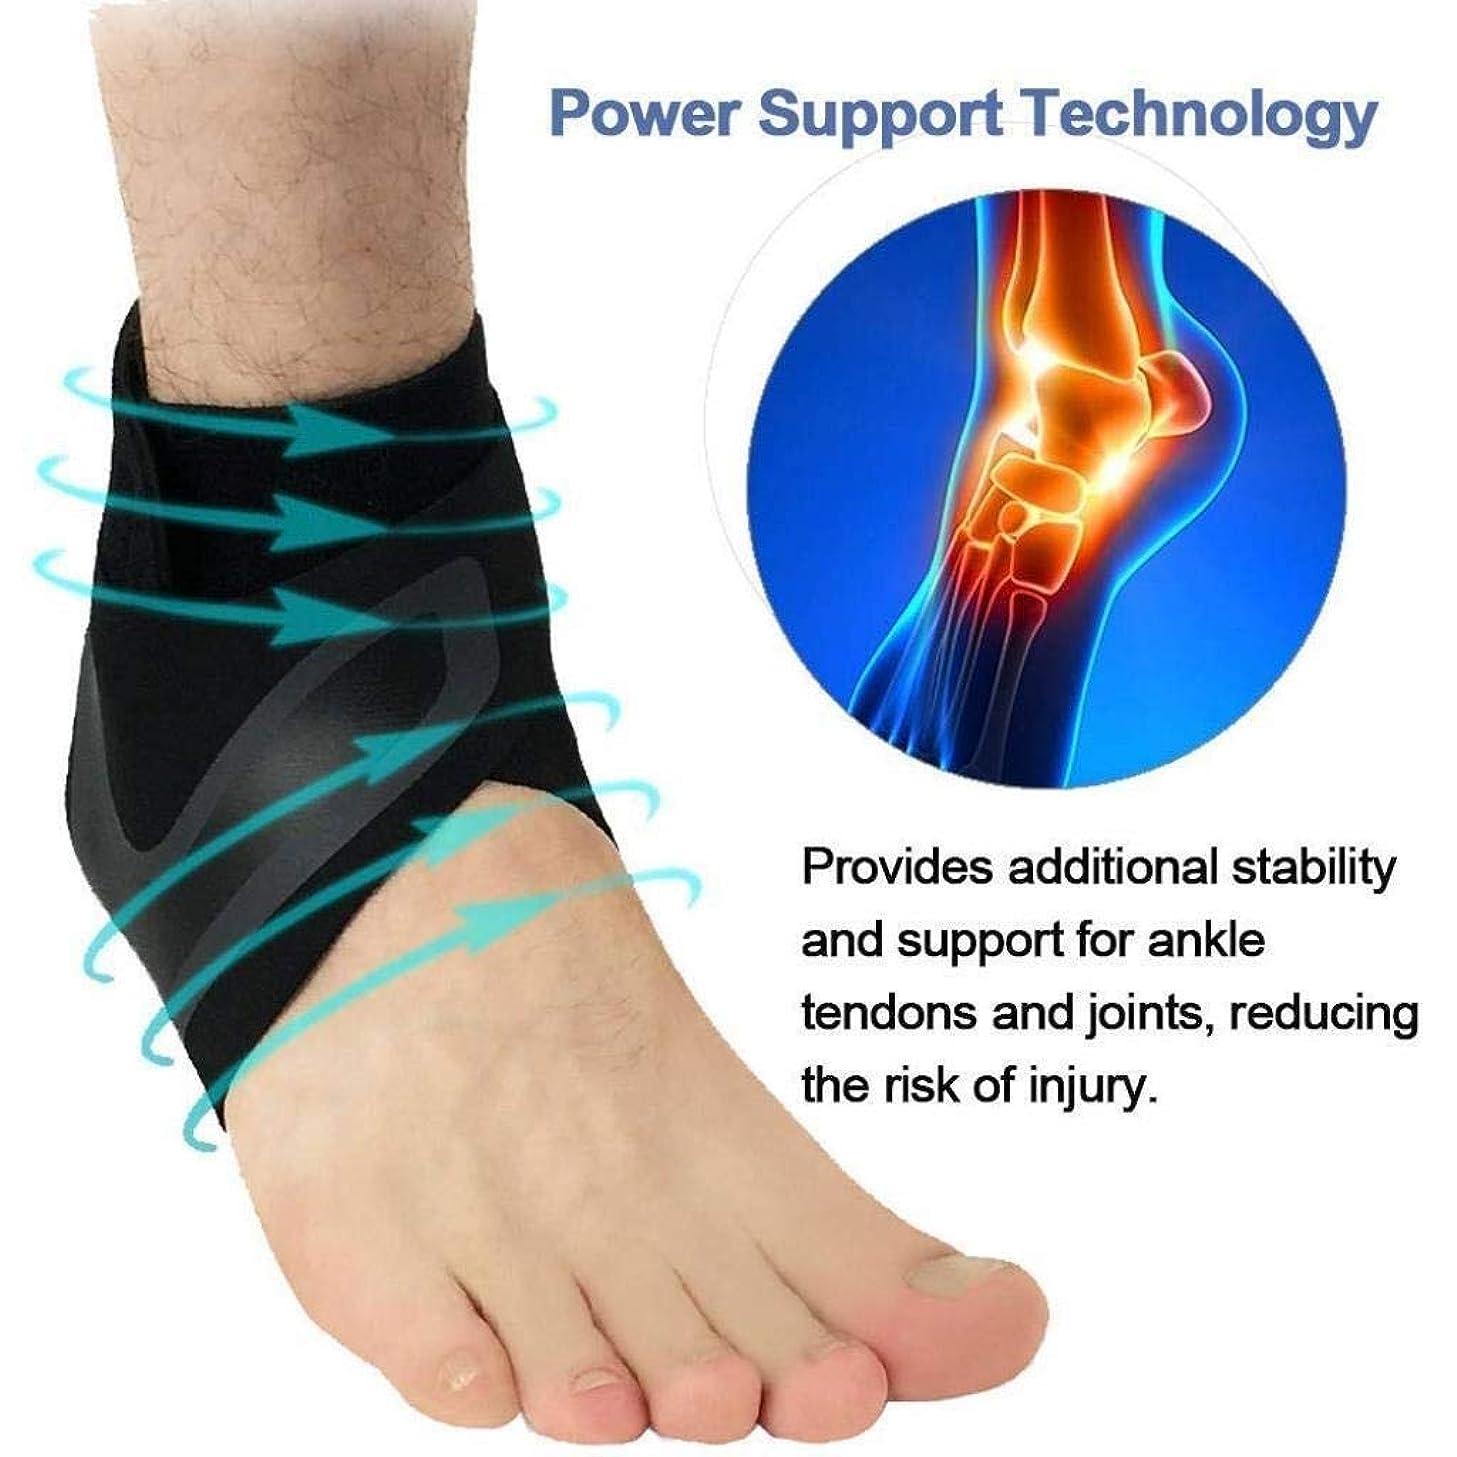 について投げる困った足首サポート、調節可能な足首ブレース多目的および通気性圧縮-スポーツ、ランニング、ウォーキング、関節痛、捻rain用の足首ラップ (Color : As Picture, Size : X-Large)